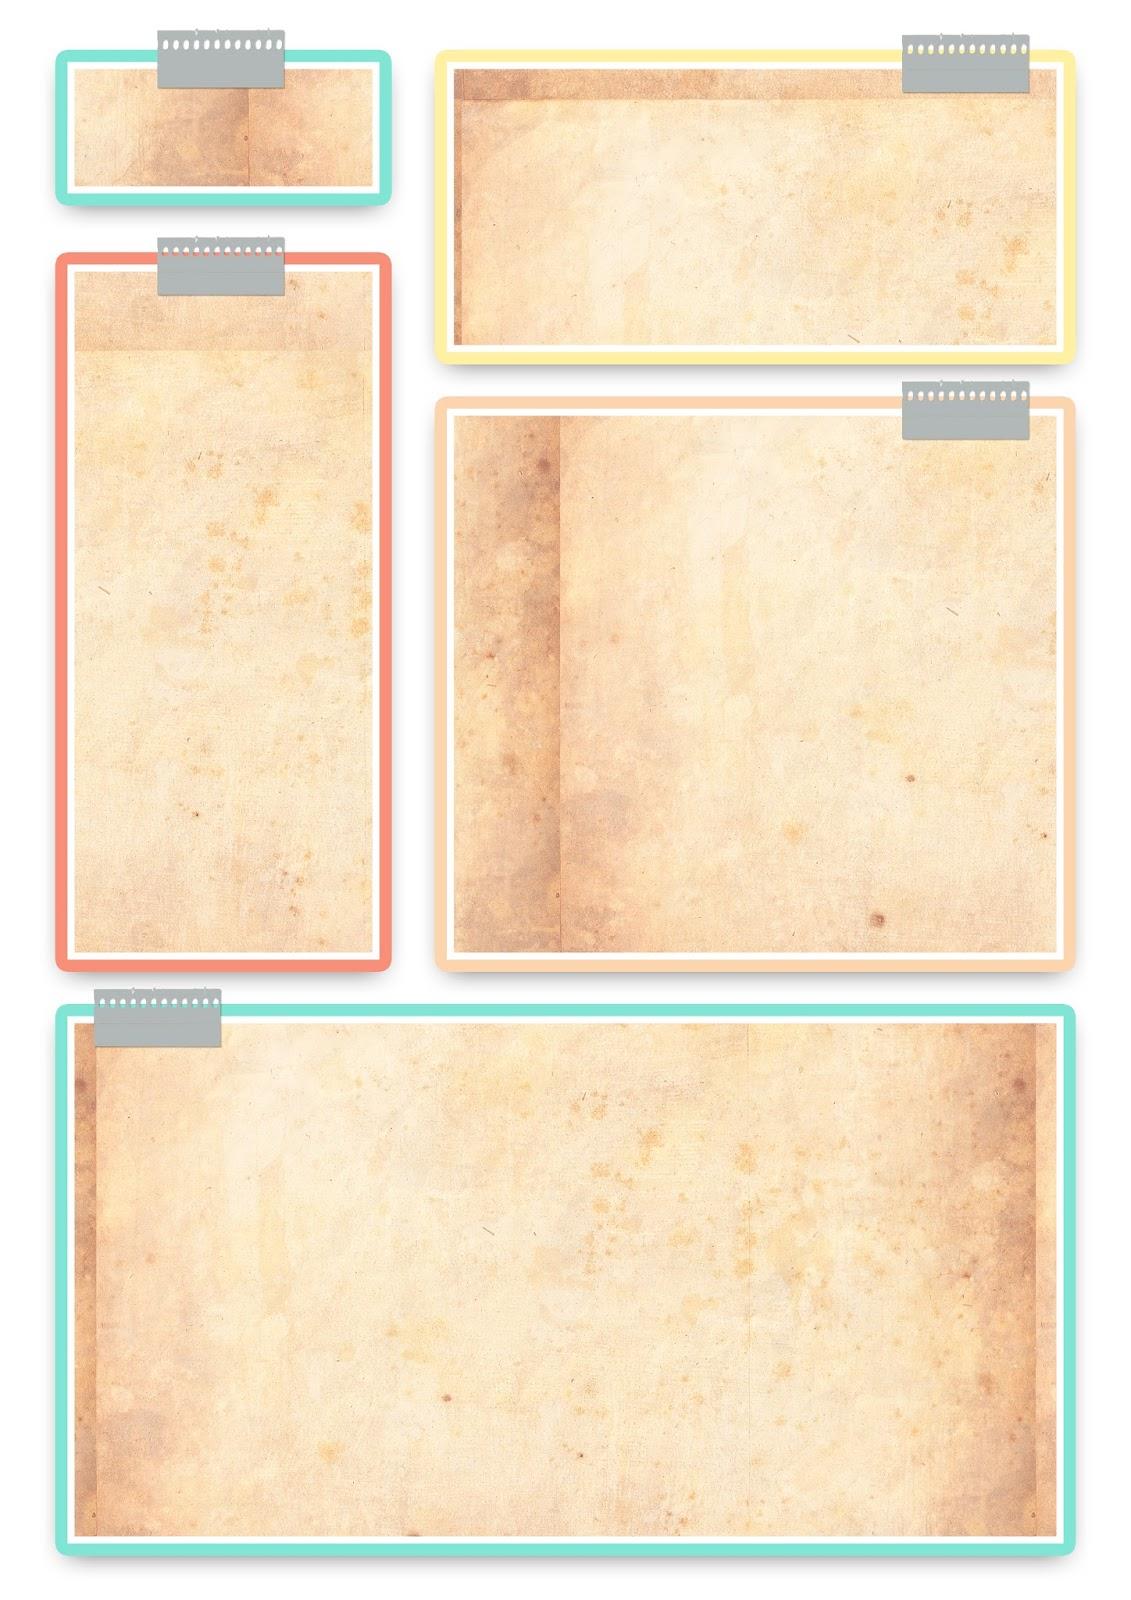 Plantillas para planificador - Imprimibles y PNG gratis para ...